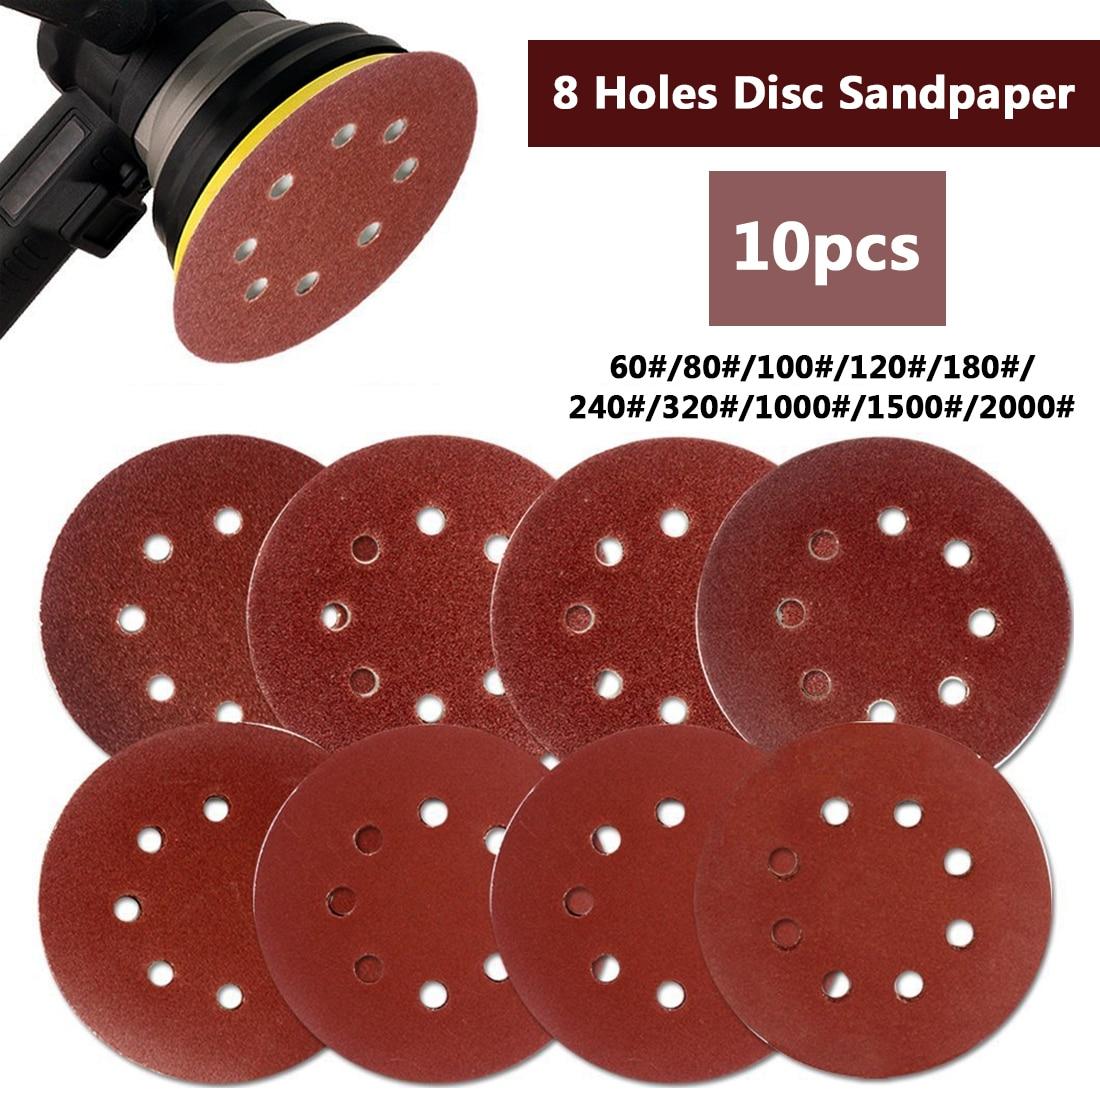 125MM Brushed Piece 5 Inch 8 Hole Disc Sandpaper Air Milled Flocking Sandpaper Self-adhesive Sandpaper Back Velvet Disc